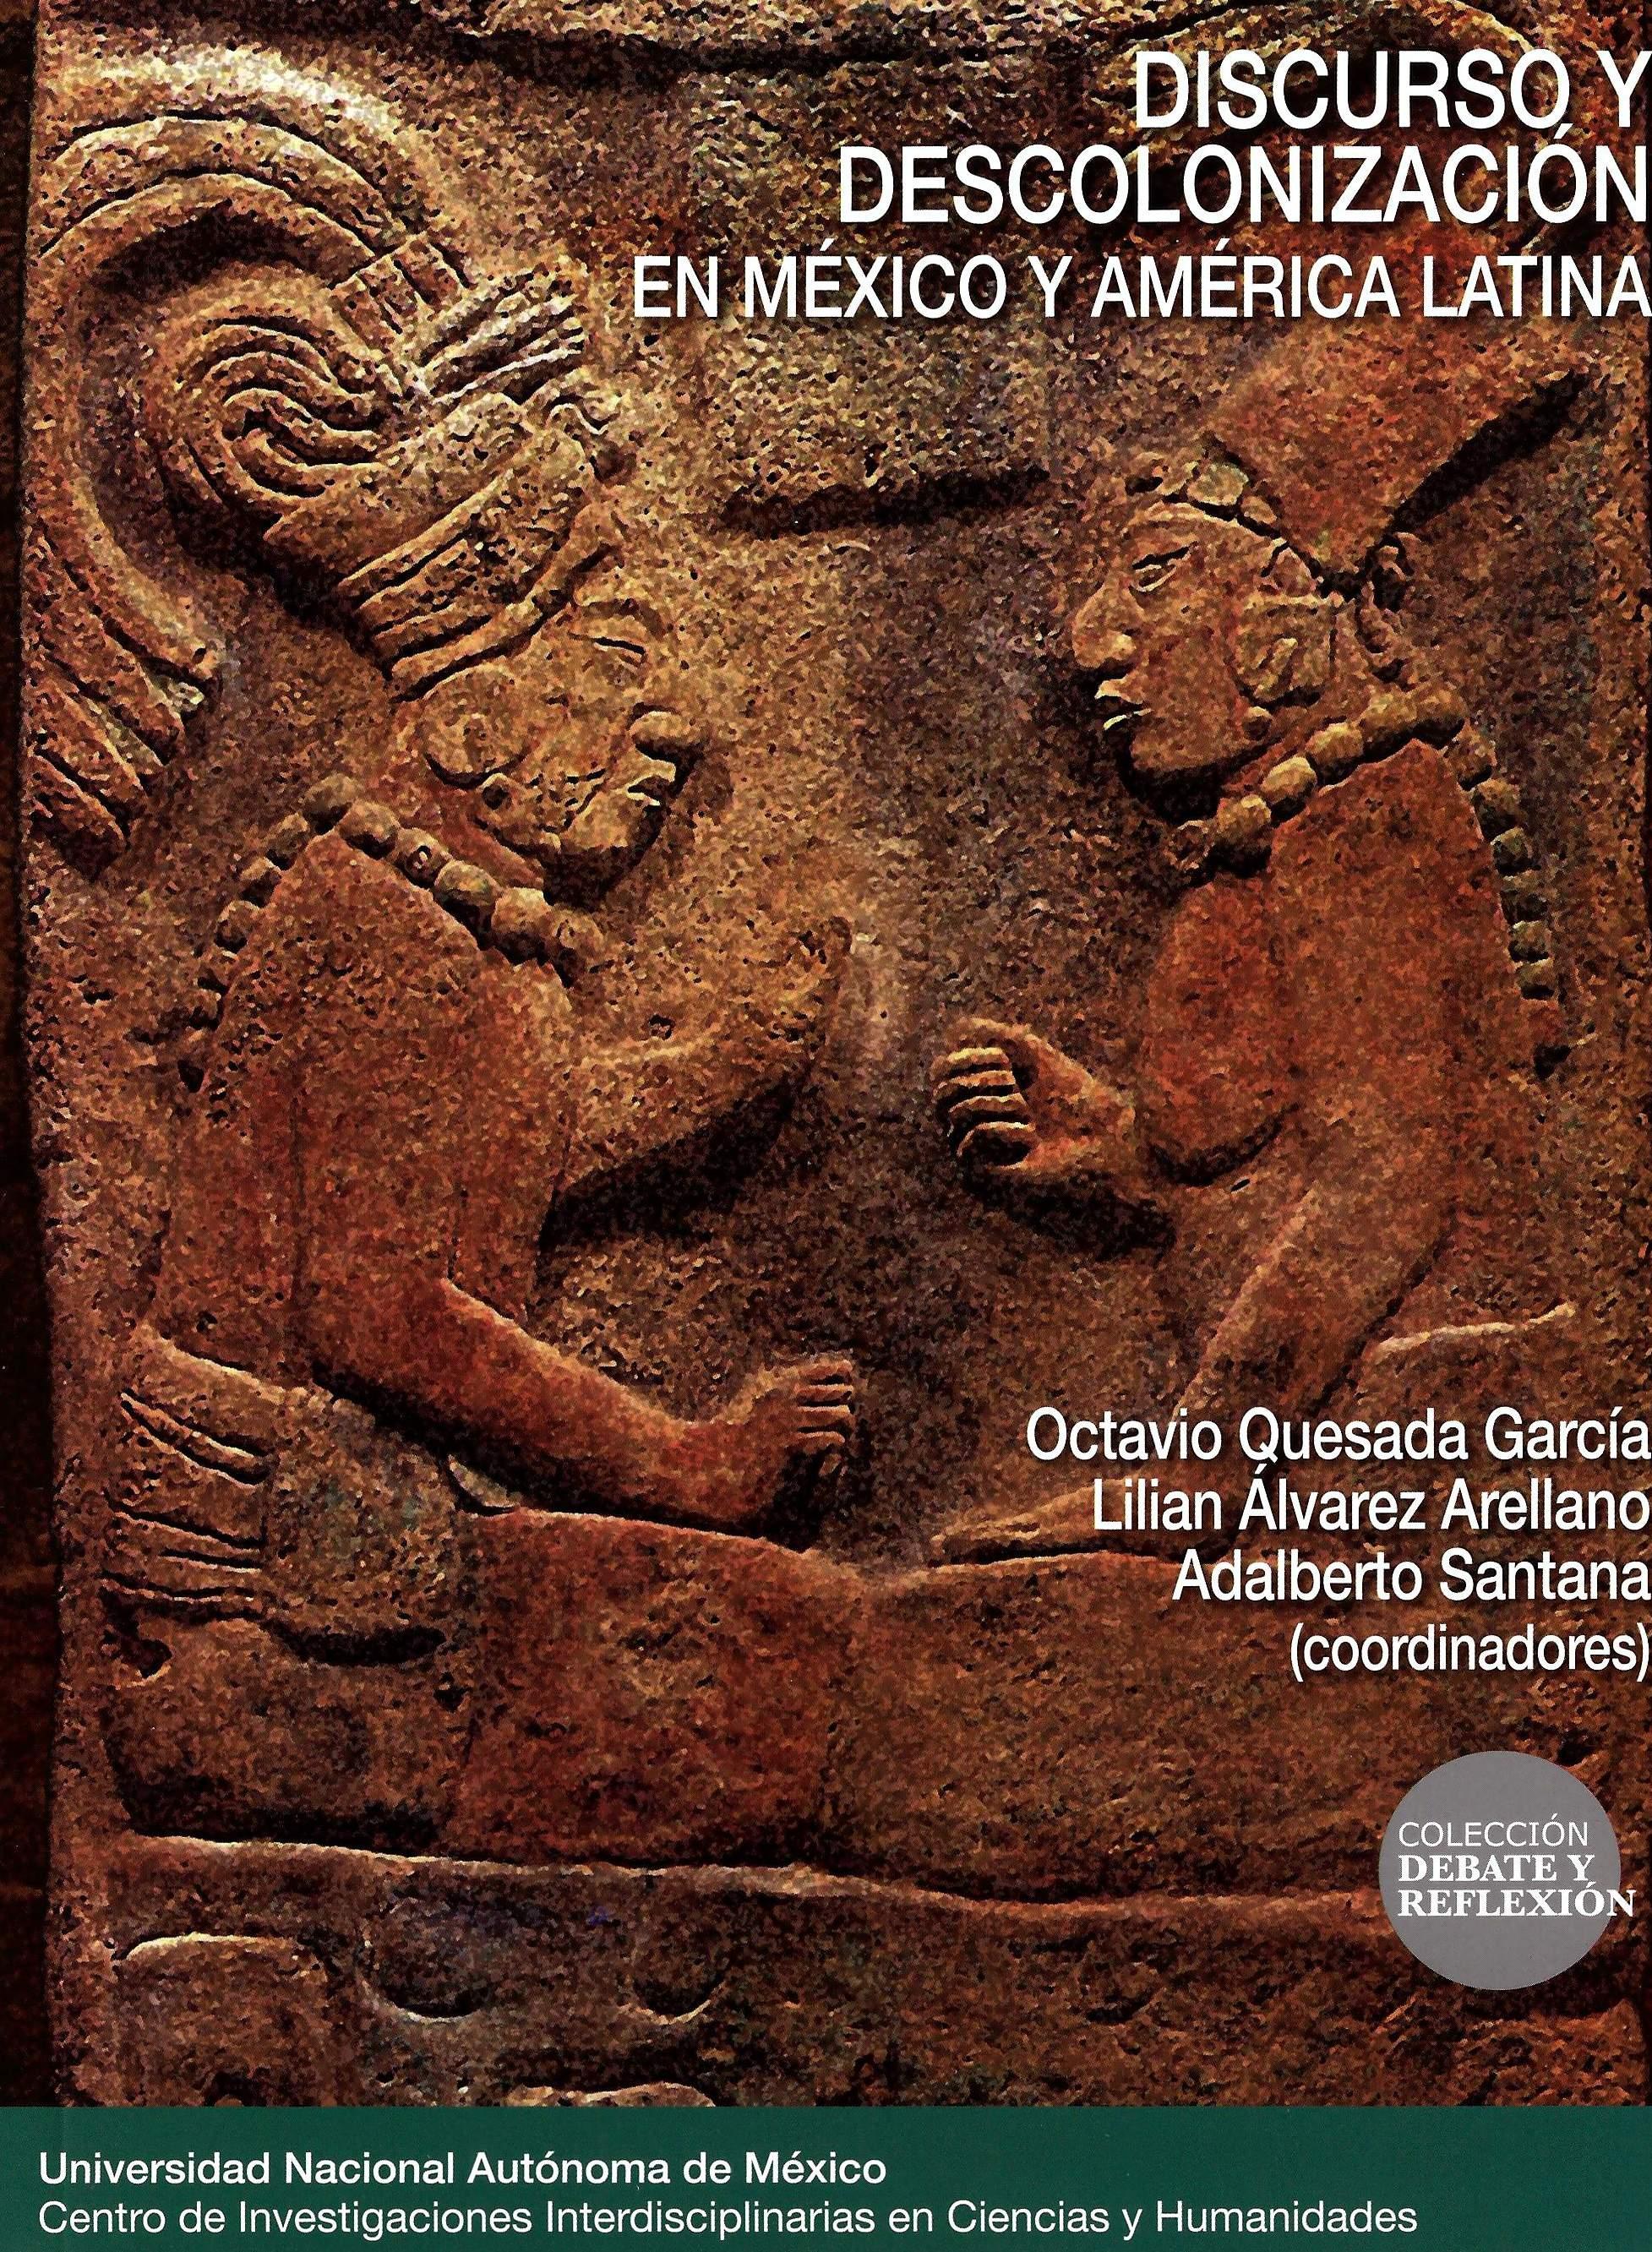 Discurso y descolonización en México y América Latina